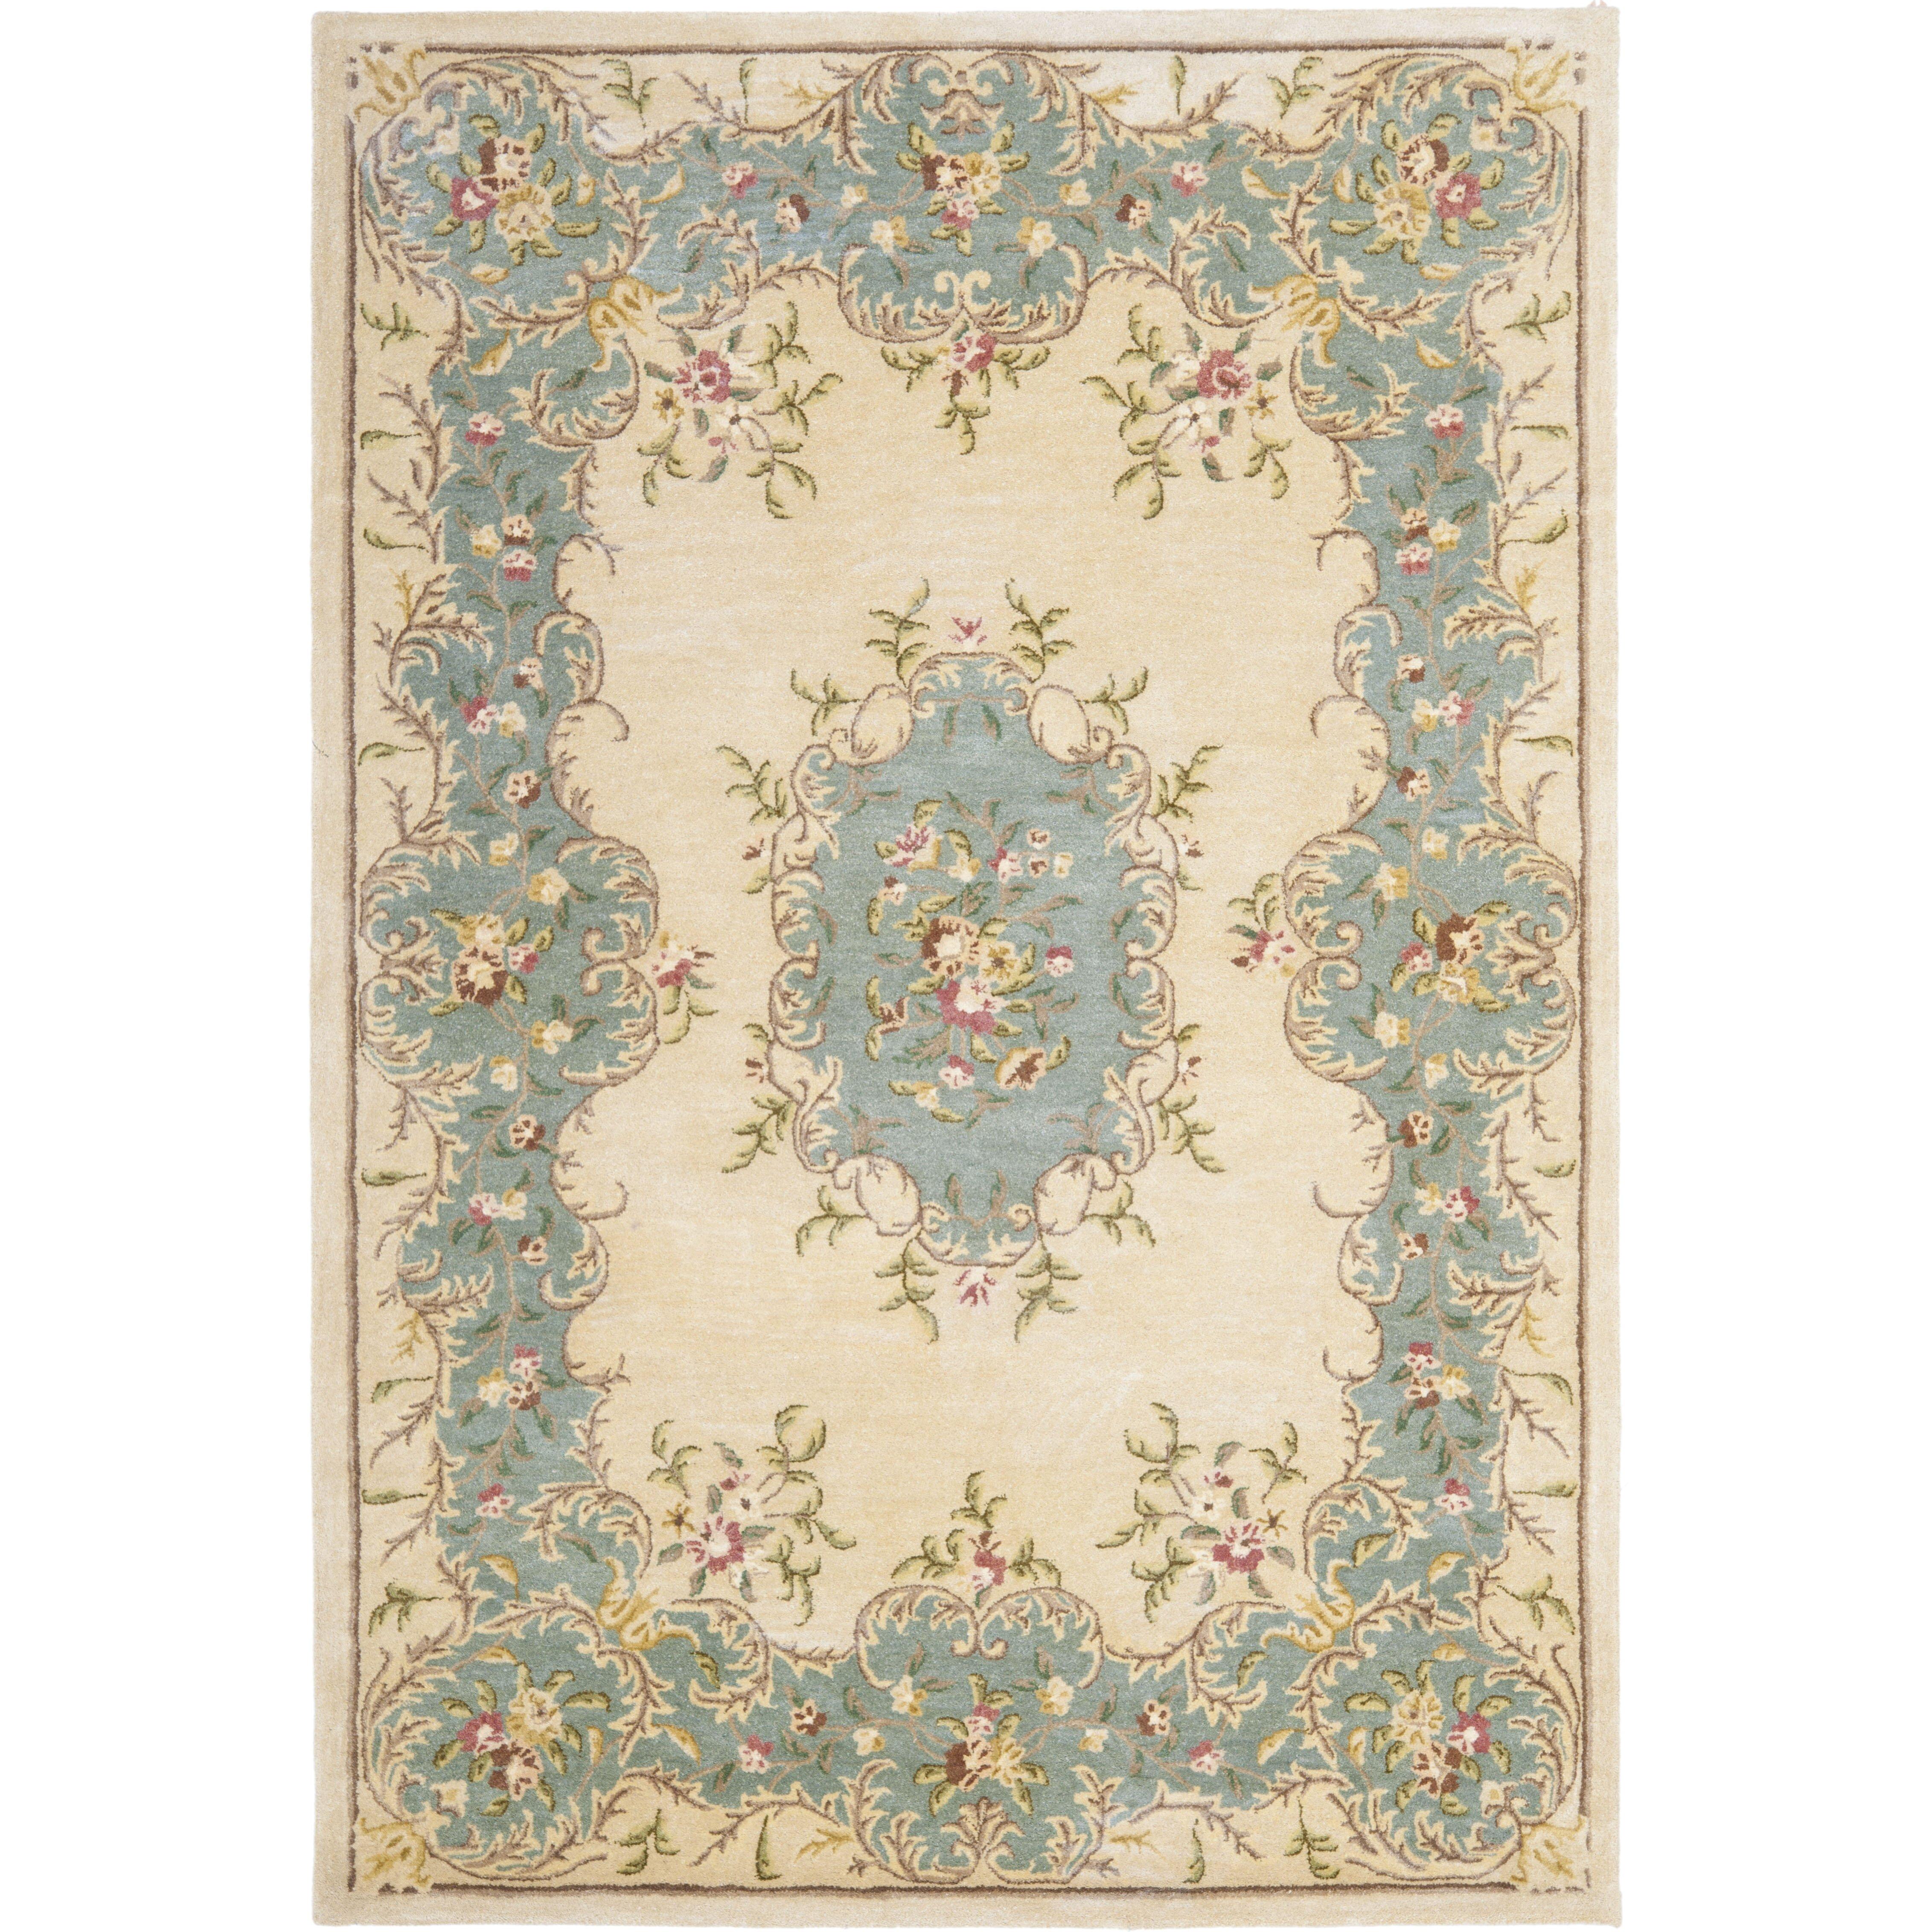 Safavieh bergama area rug reviews wayfair for Safavieh rugs